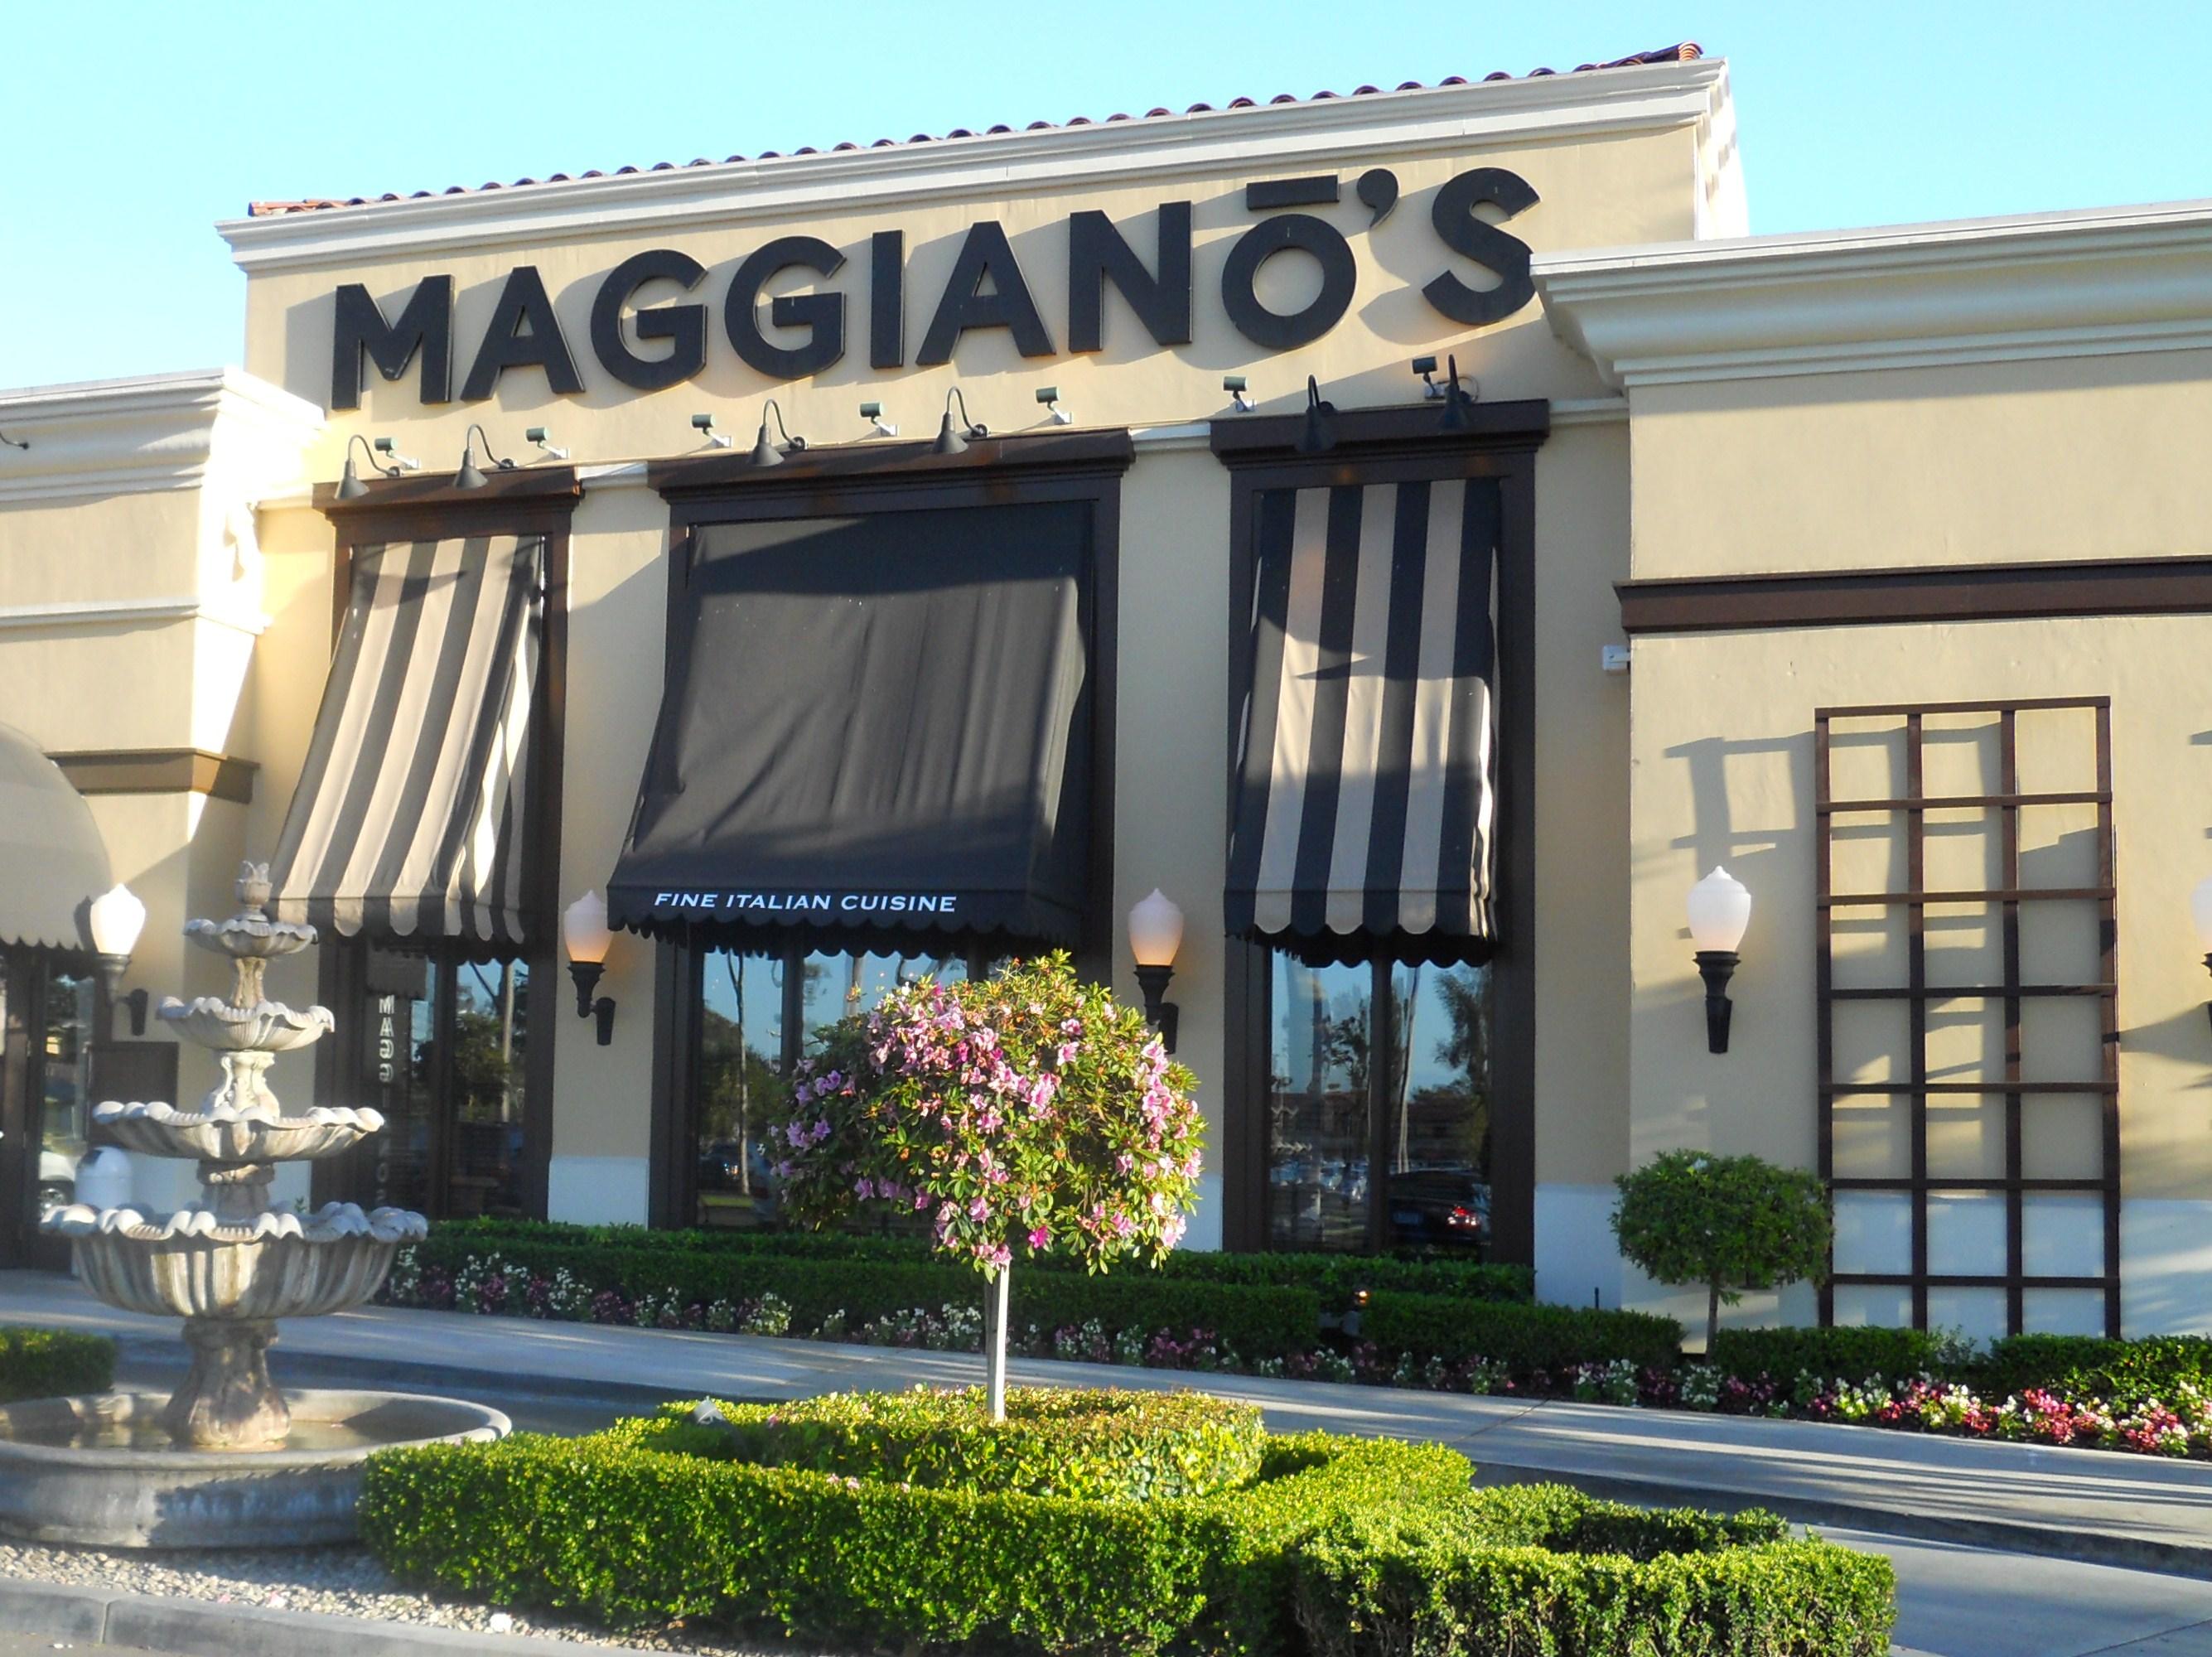 Italian Restaurants By South Coast Plaza